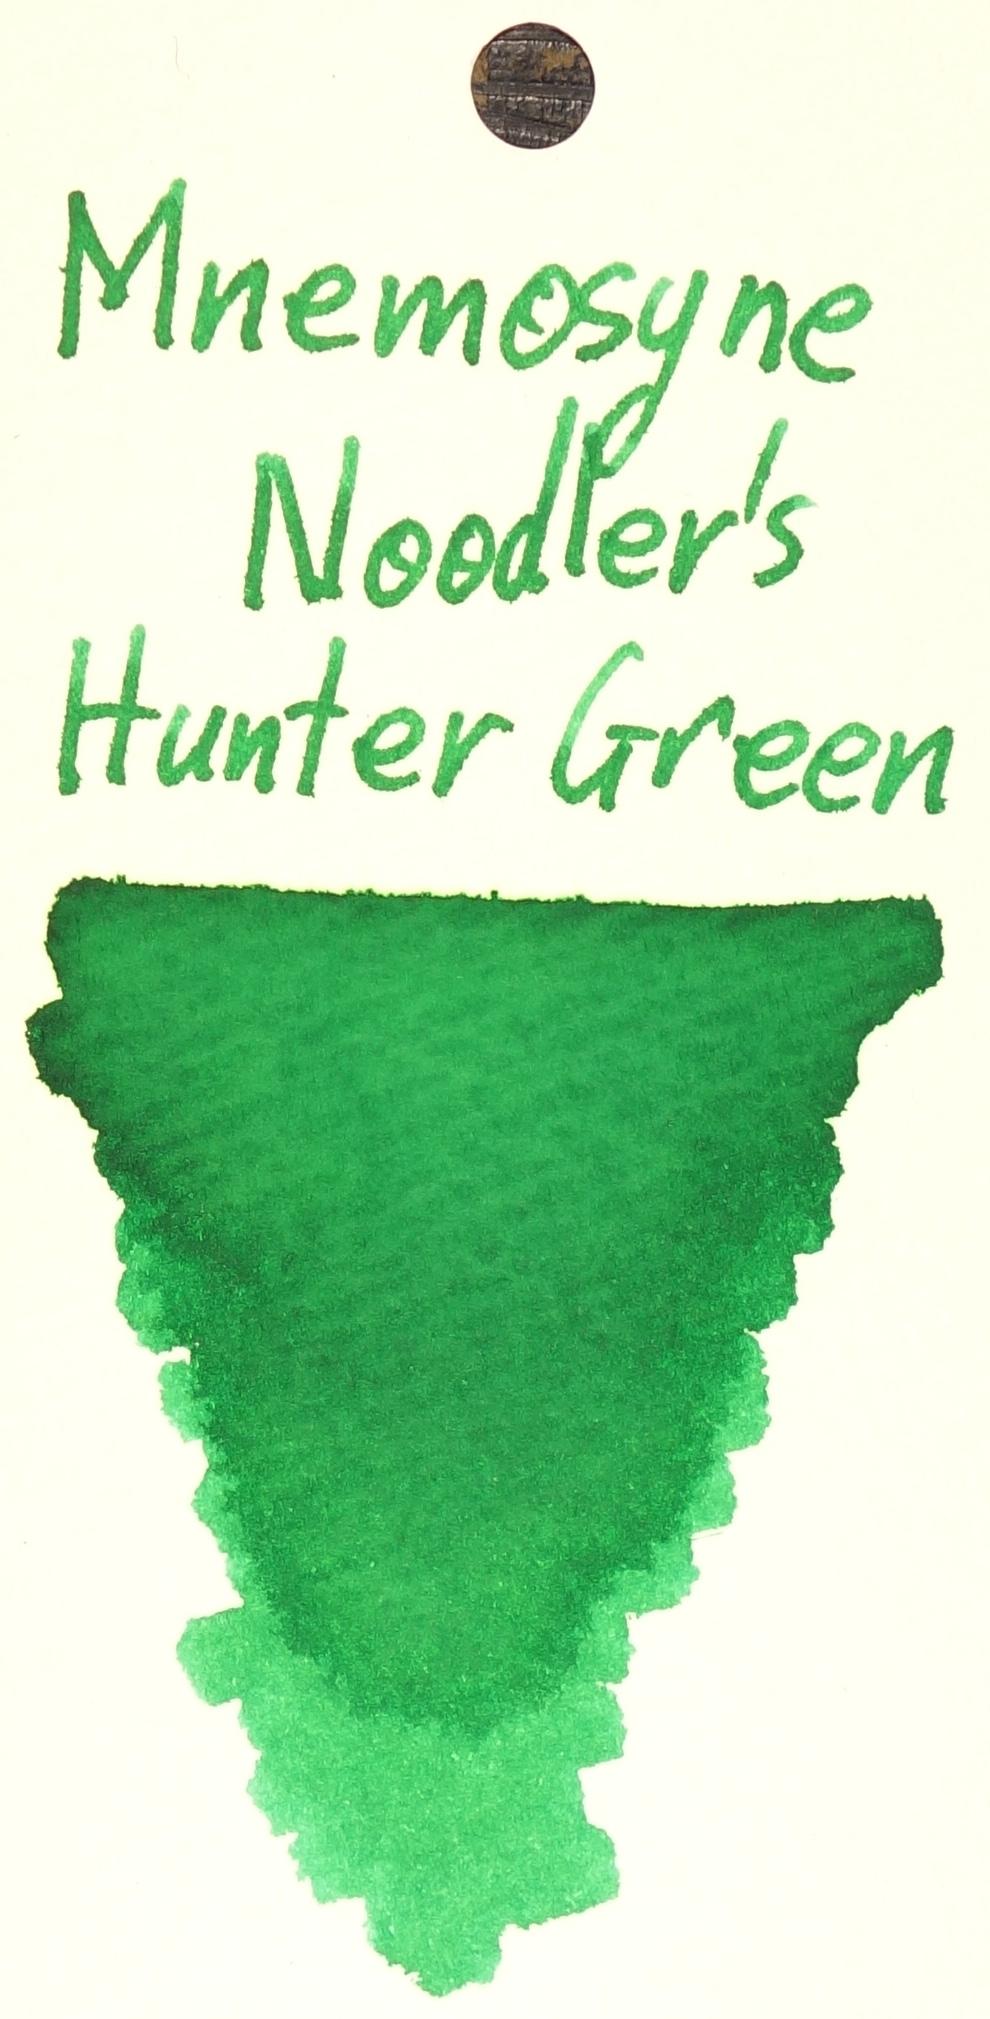 Noodler's Hunter Green Mnemosyne.JPG